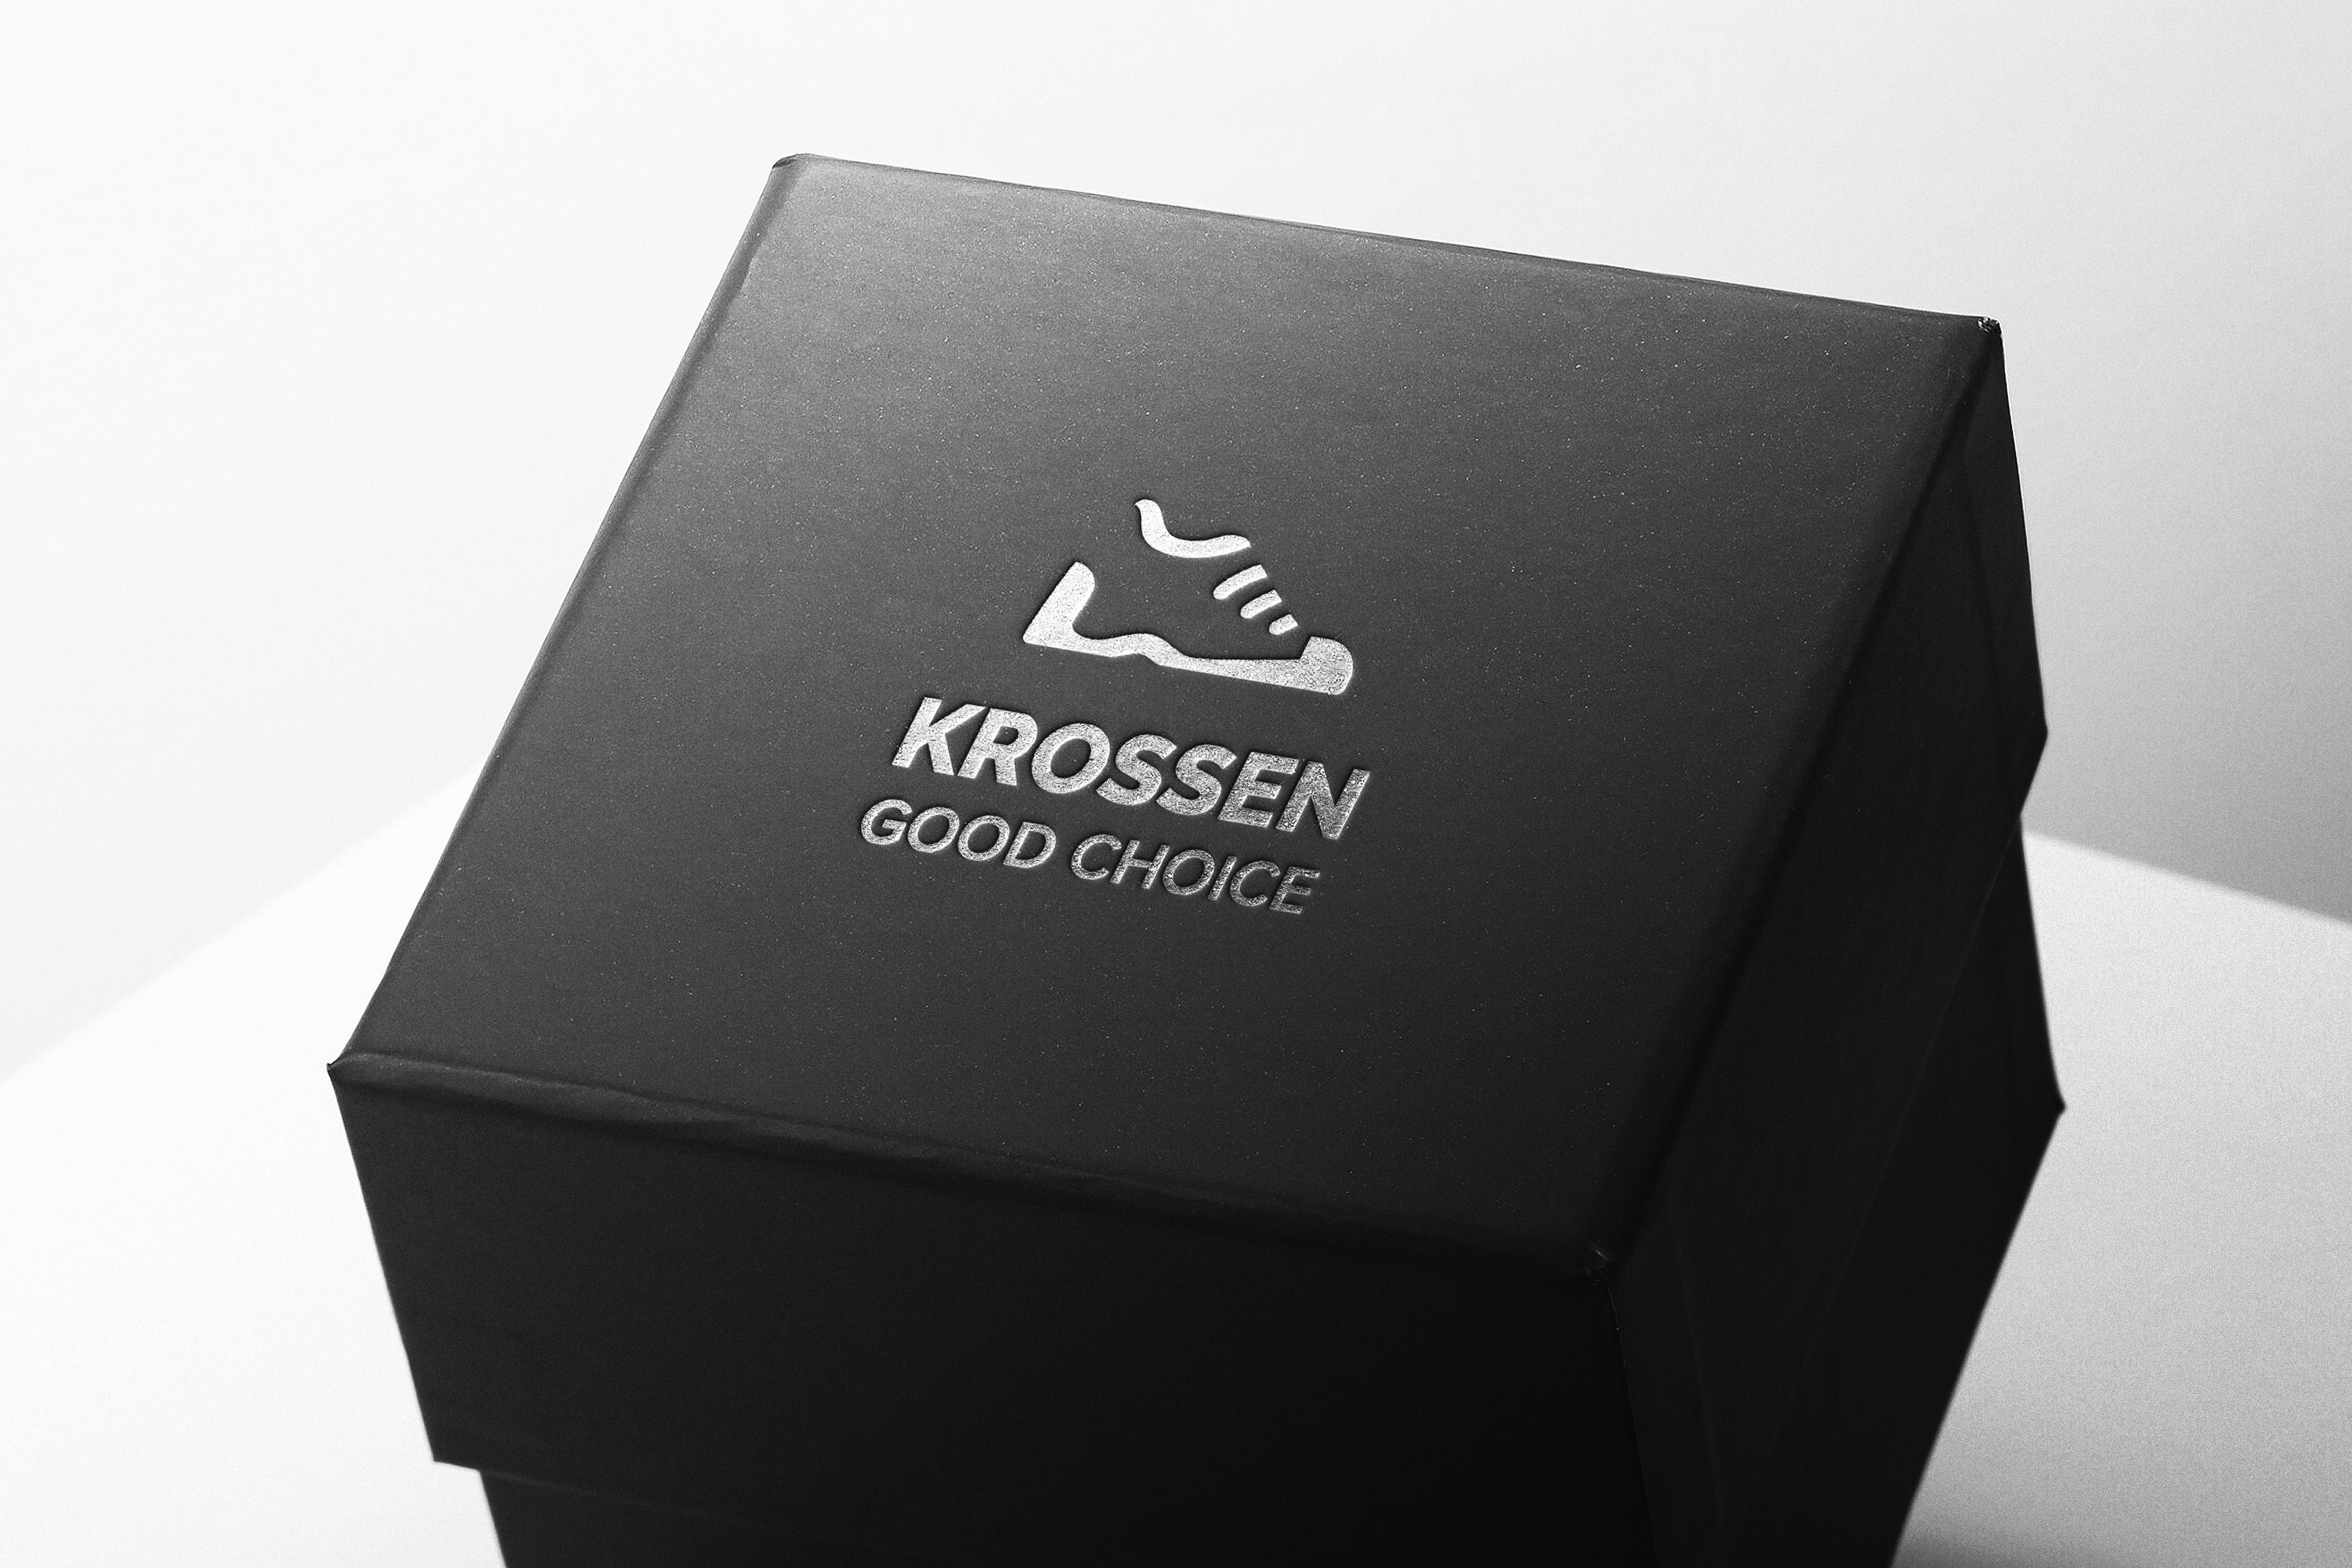 Фото Разработка логотипа для бренда кроссовок KROSSEN Среда разработки: Adobe Illustrator Время работы: 2-3 часа